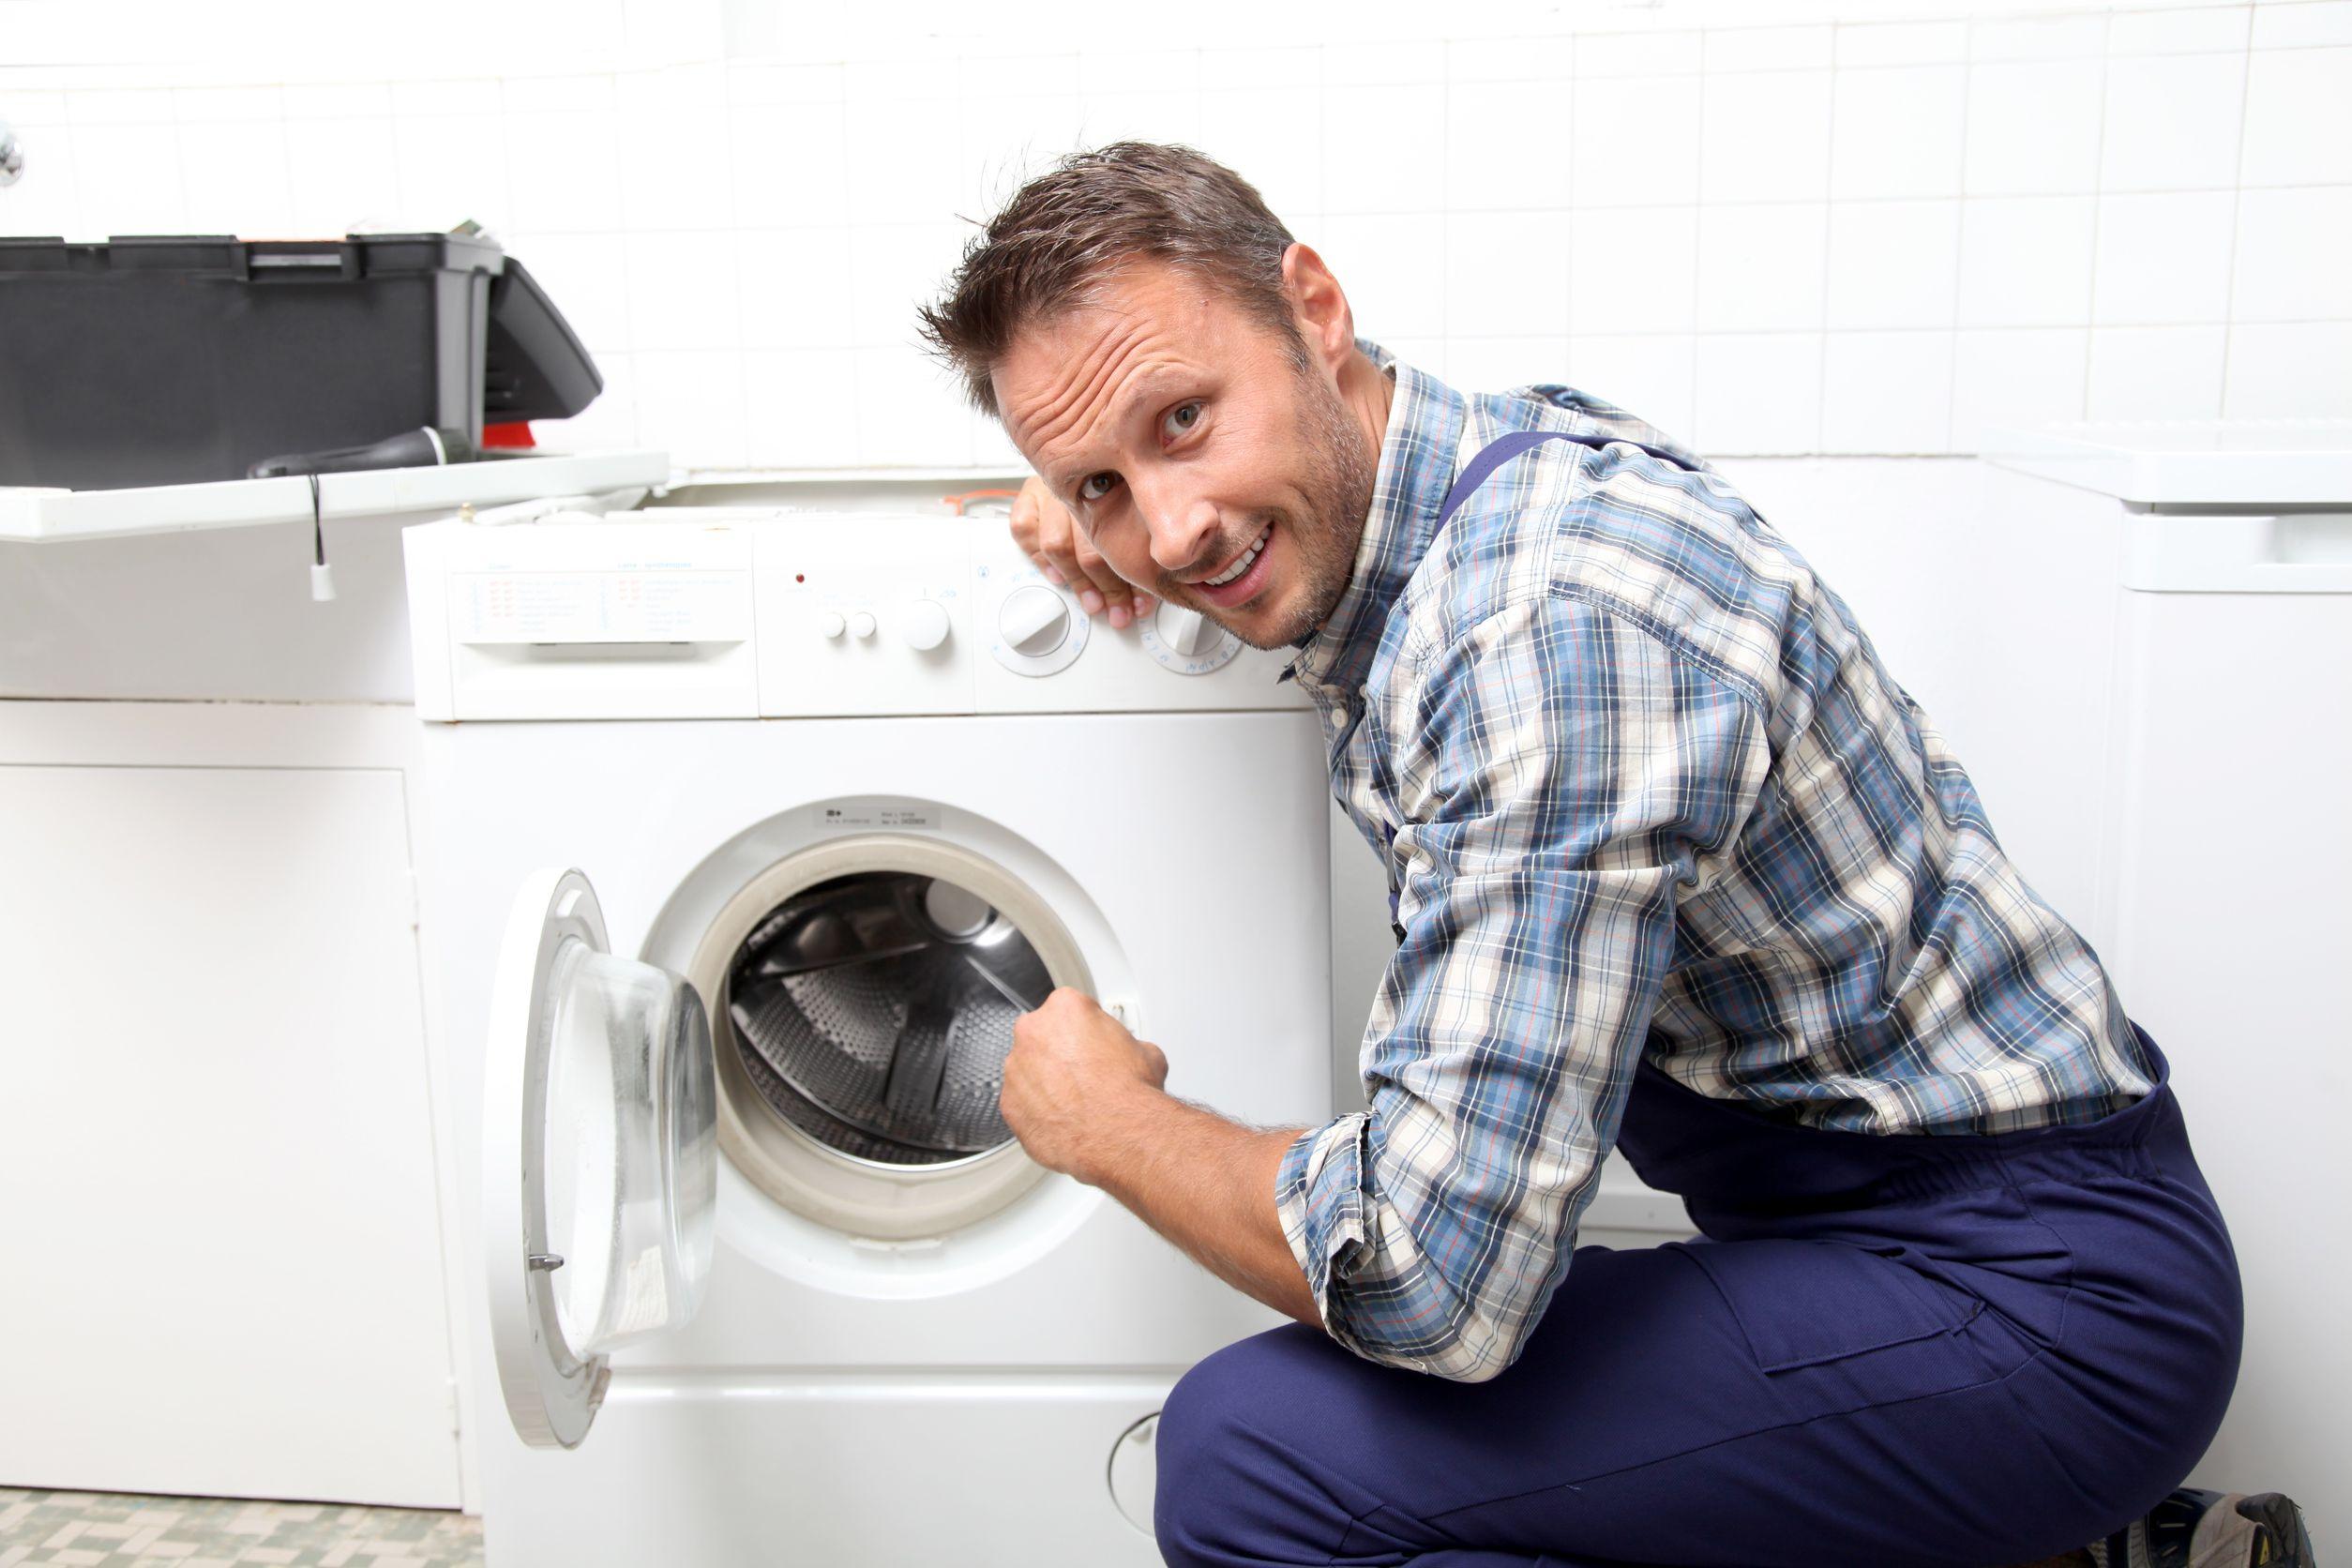 Miele Washing Machine Repairs >> Washing Machine Won't Start Cycle - Glotech Repairs